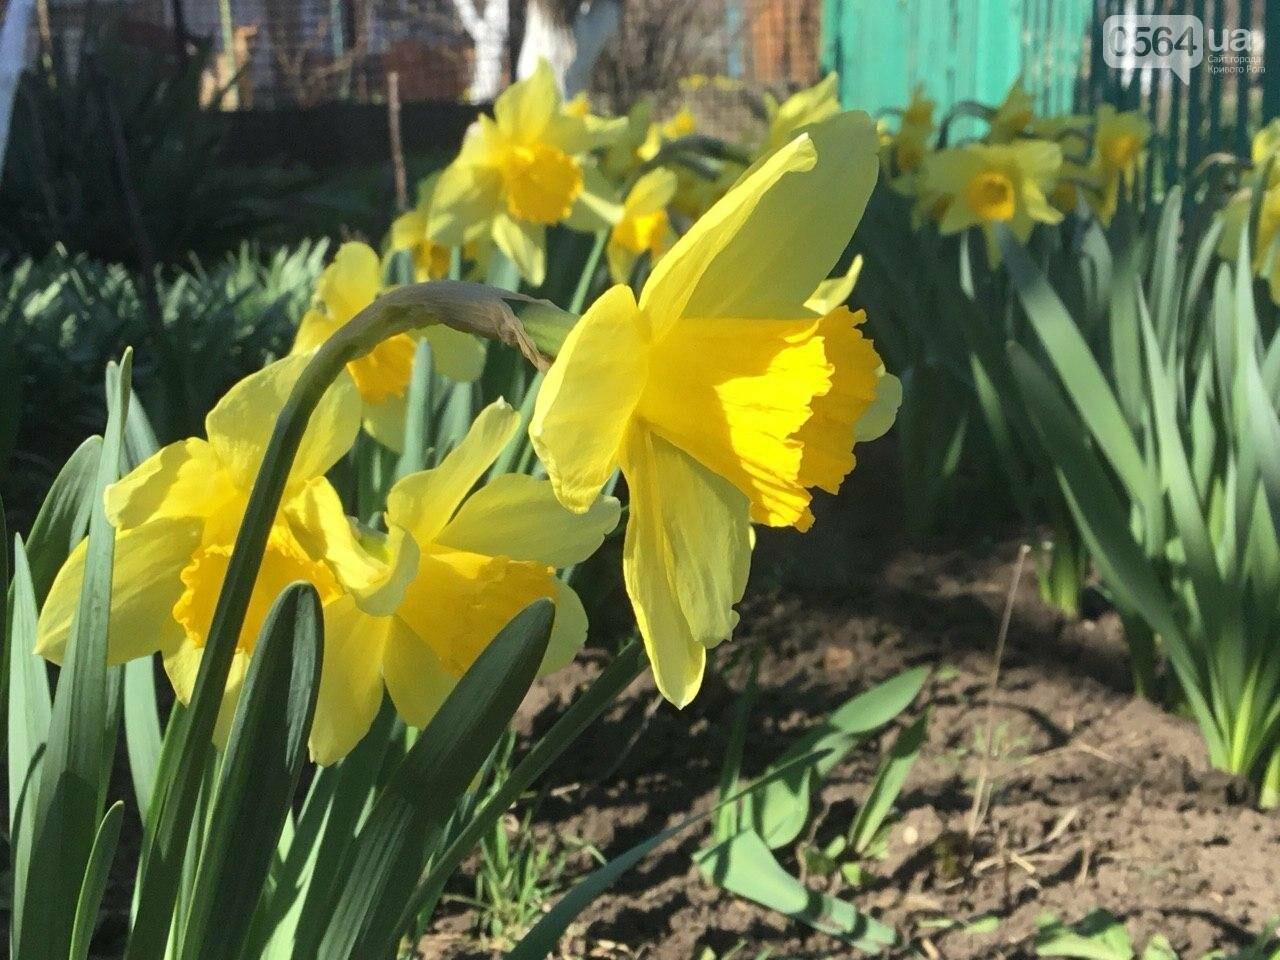 """""""Остановись, мгновение весны!"""", - криворожане любуются весной и сохраняют красоту на память, - ФОТО, фото-23"""